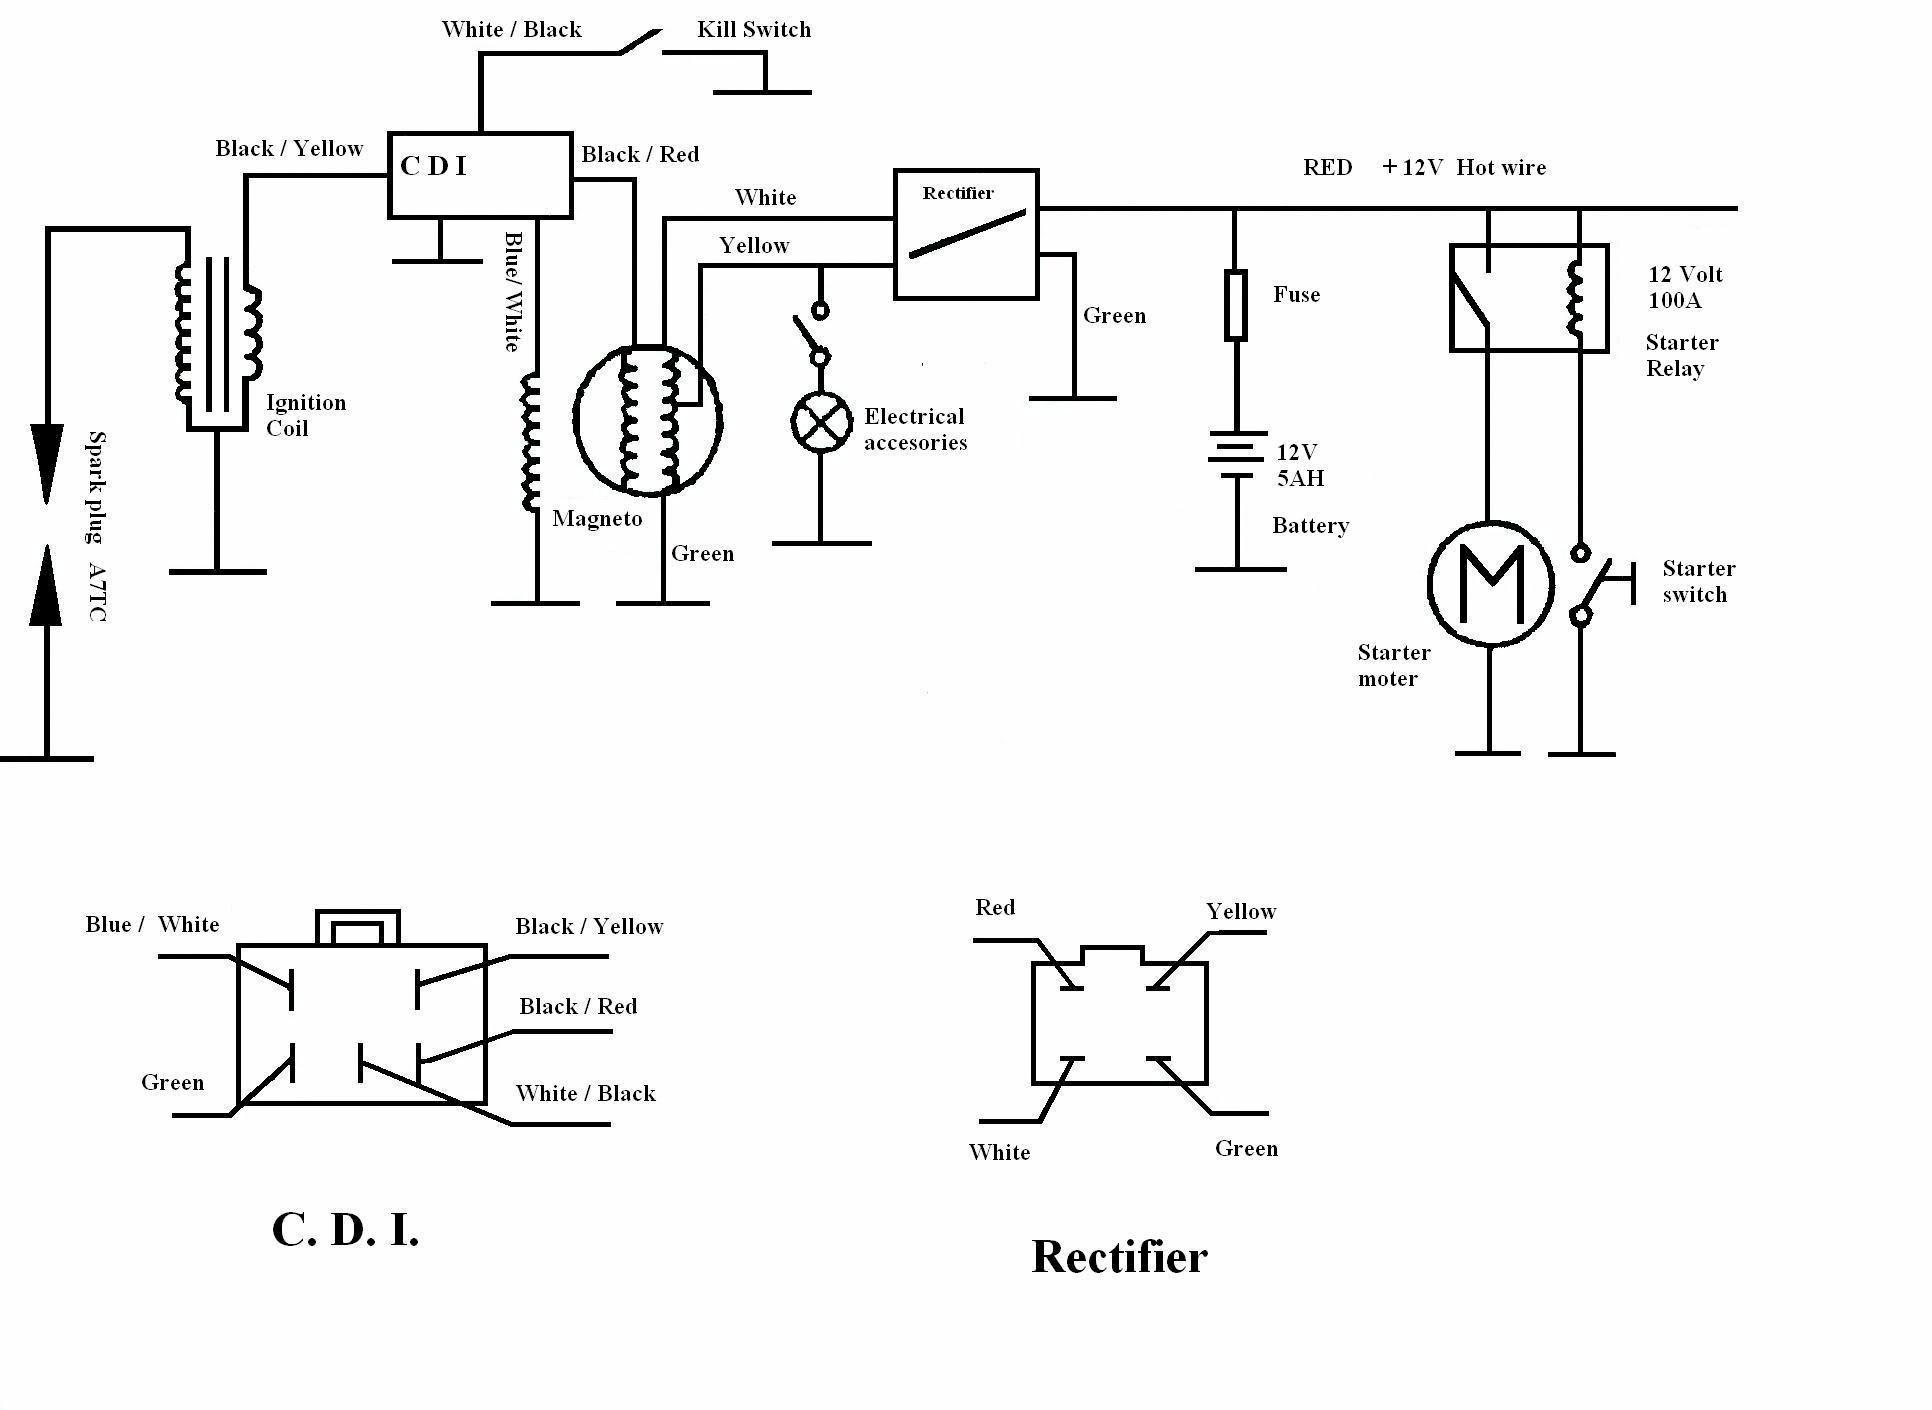 lifan 70cc wiring diagram wiring diagramengine lifan 125 wiring diagram lifan 49cc wiring diagram onlinelifan 70cc wiring diagram trusted wiring diagram